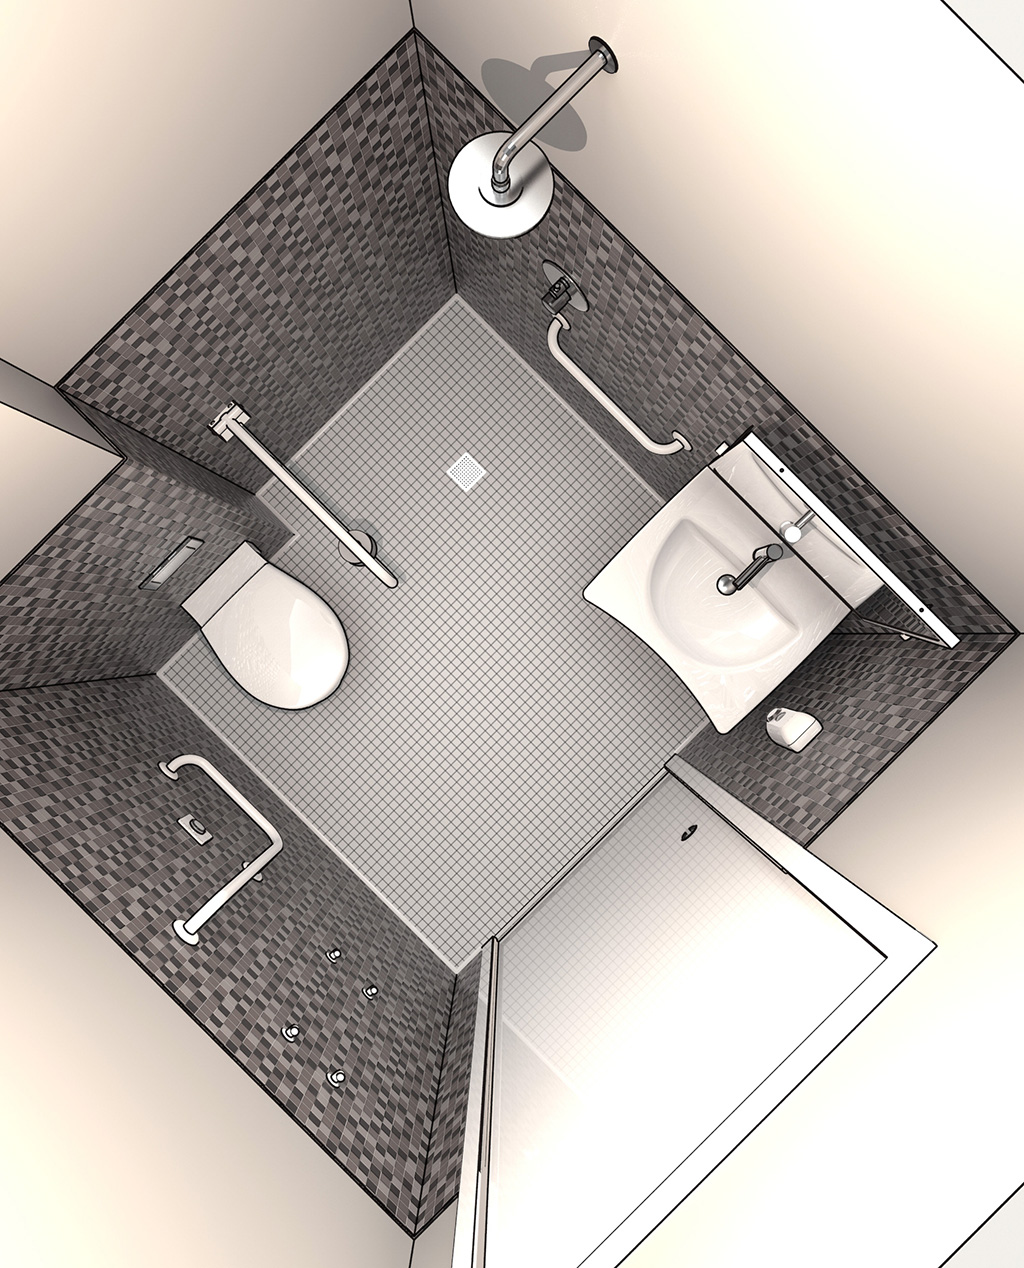 Meuble Salle De Bain Lapeyre Belle Epoque ~ Salle De Bain Pour Personne Mobilit R Duite Vaste Gamme D